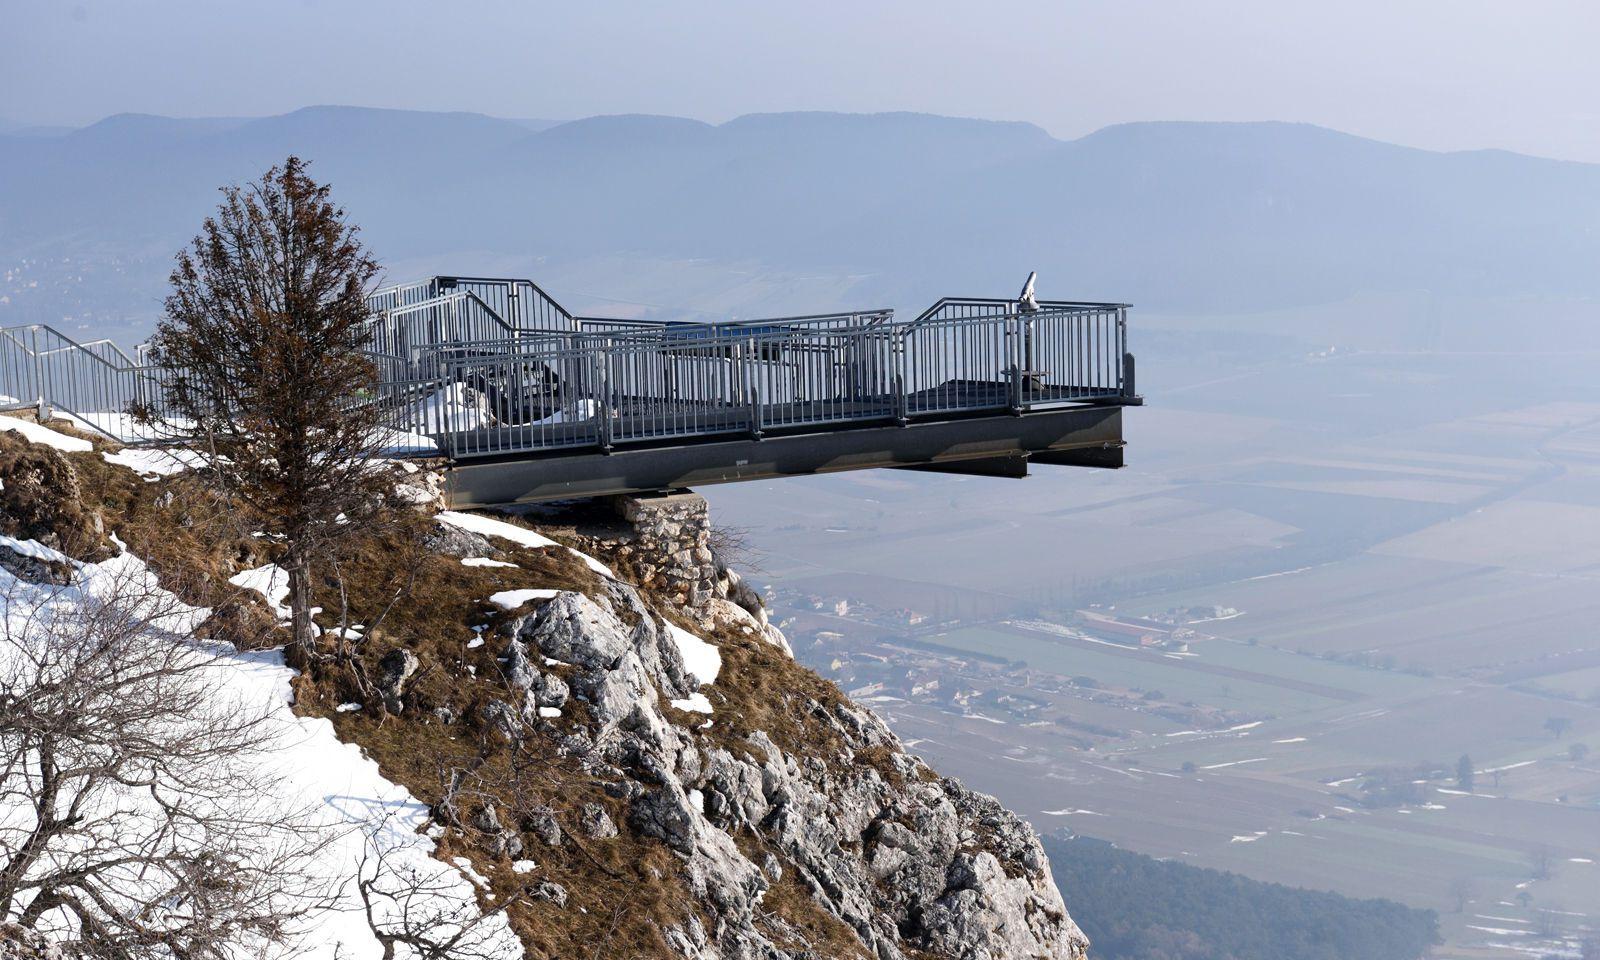 """Zum Abschluss zum In-die-Ferne-Blicken auf die Aussichtsterrasse """"Skywalk""""."""